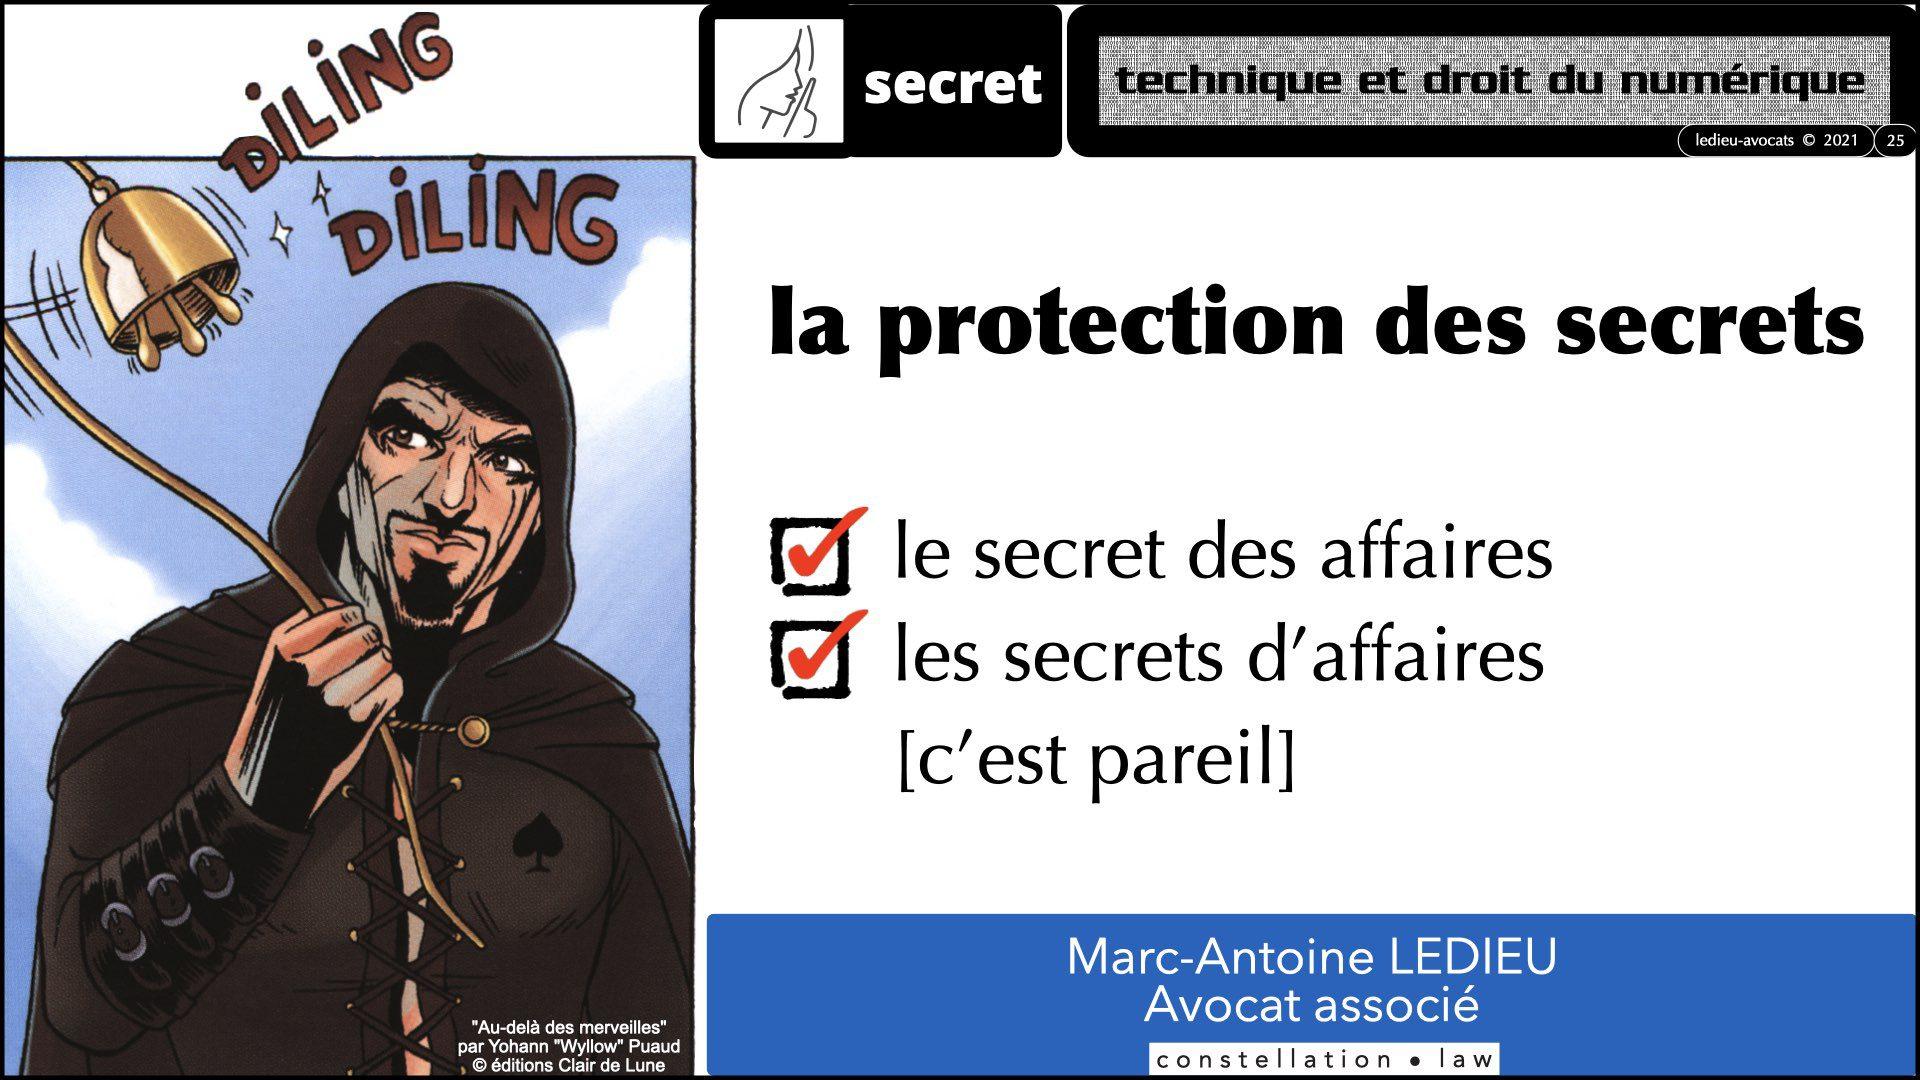 #346 zOOm X'UP SECRET d'affaire confidentialité non disclosure NDA © Ledieu Avocats technique droit numerique BLOG en BD 12-09-2021.025